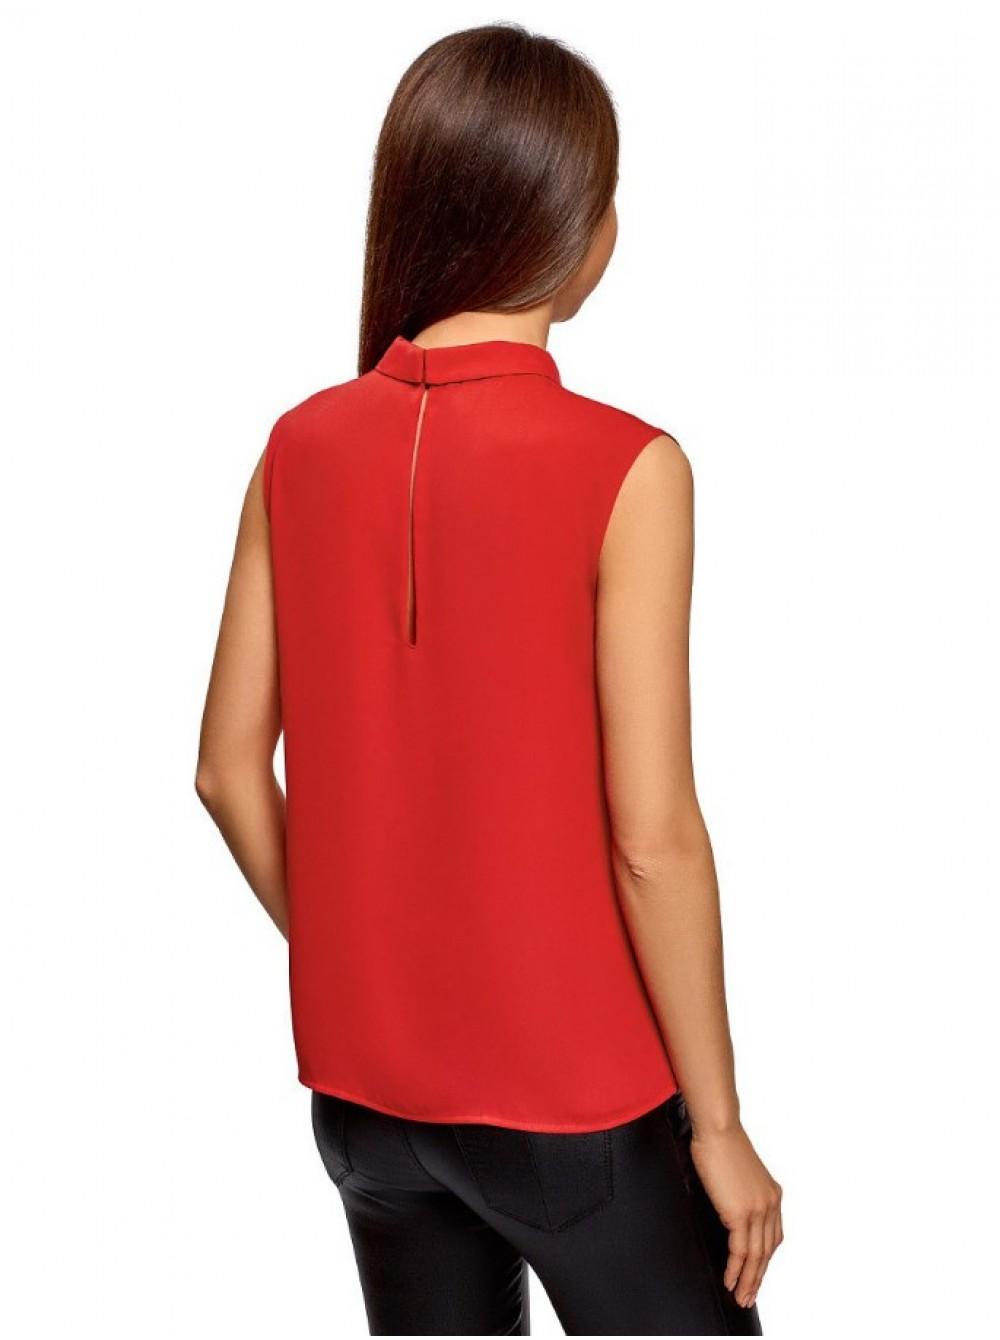 dbd6a06368f Купить блузку летнюю оптом и в розницу по цене производителя Stereotip